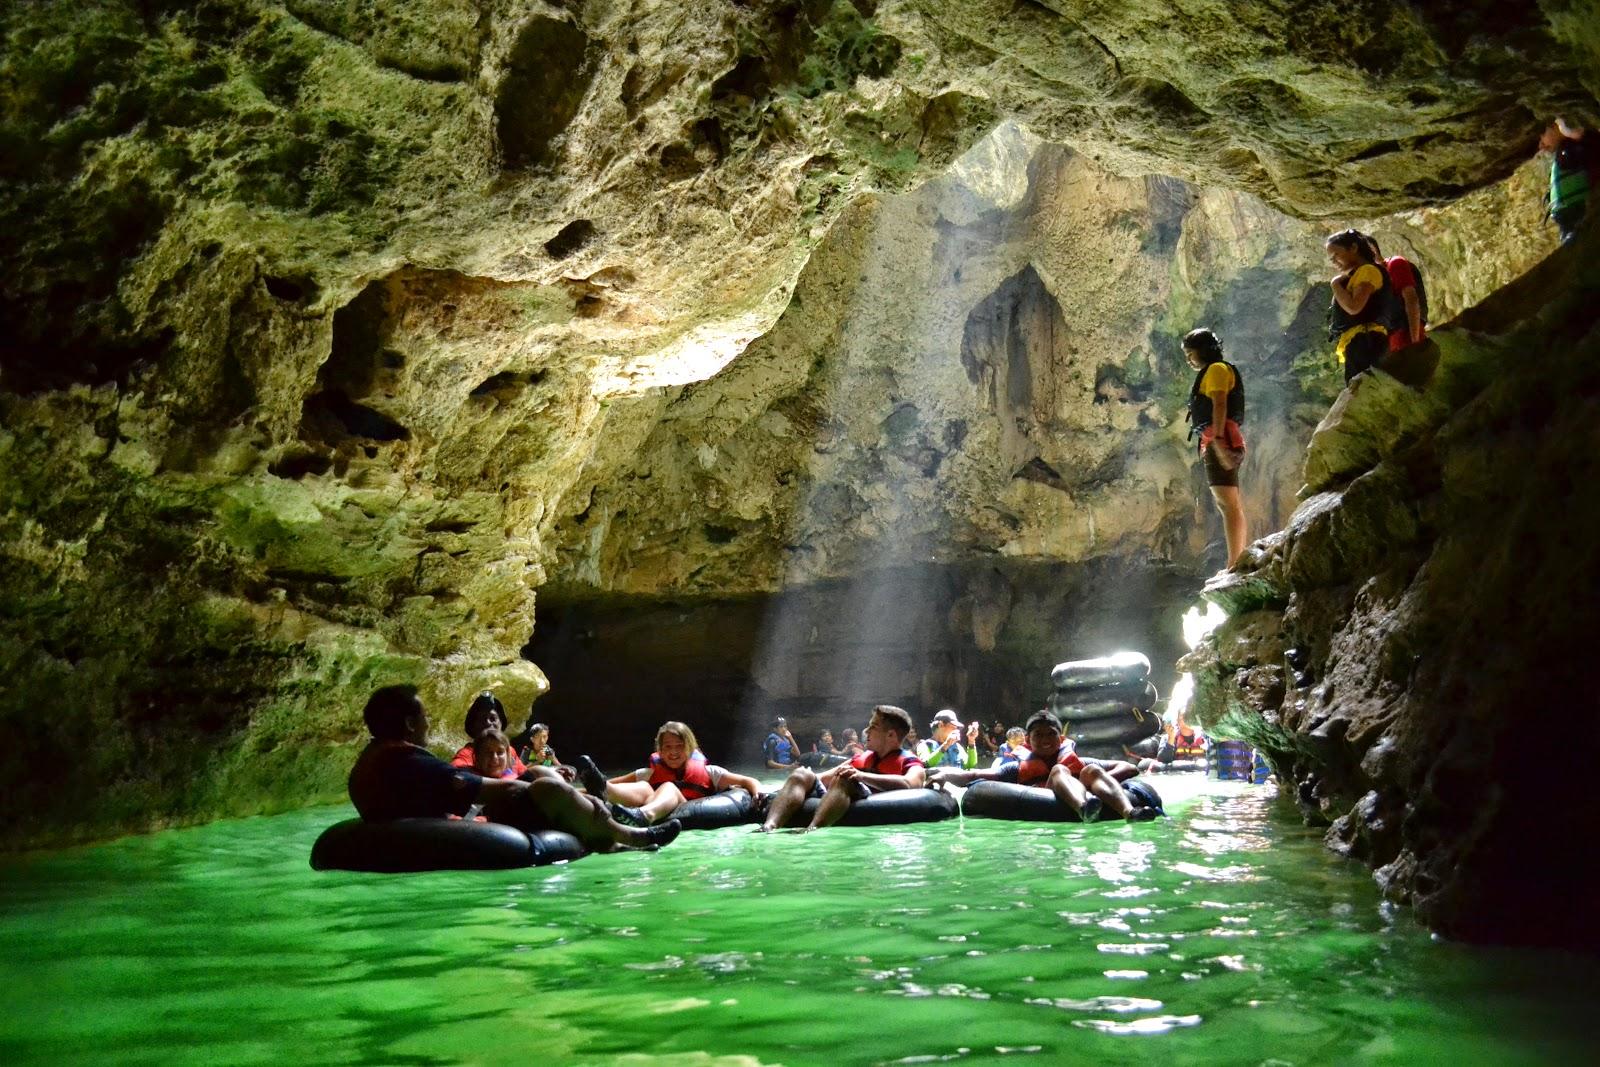 tempat wisata banyak dikunjungi